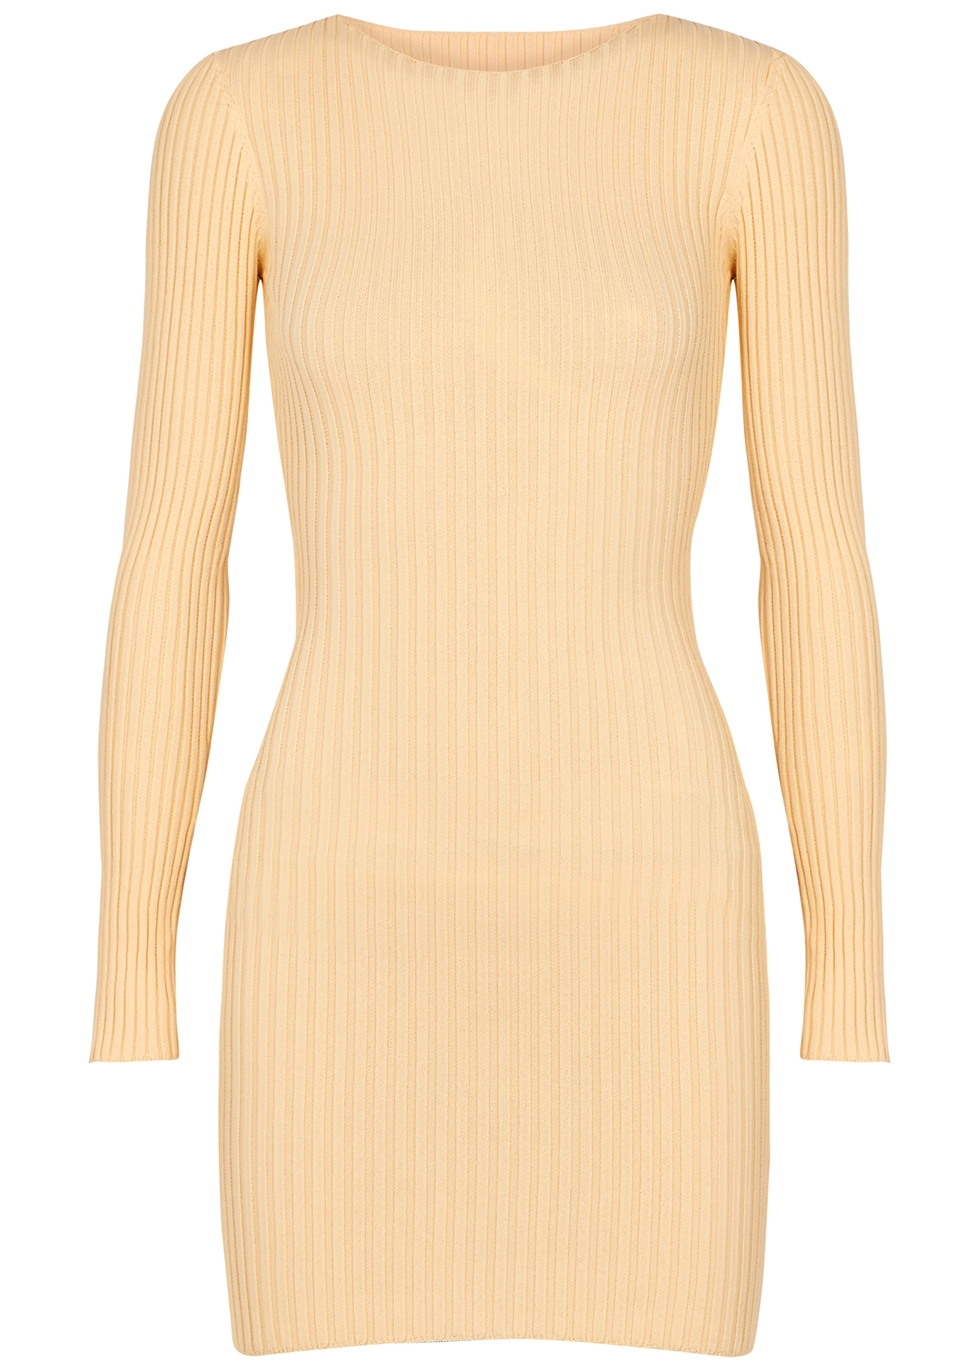 Lyla cream rib-knit mini dress